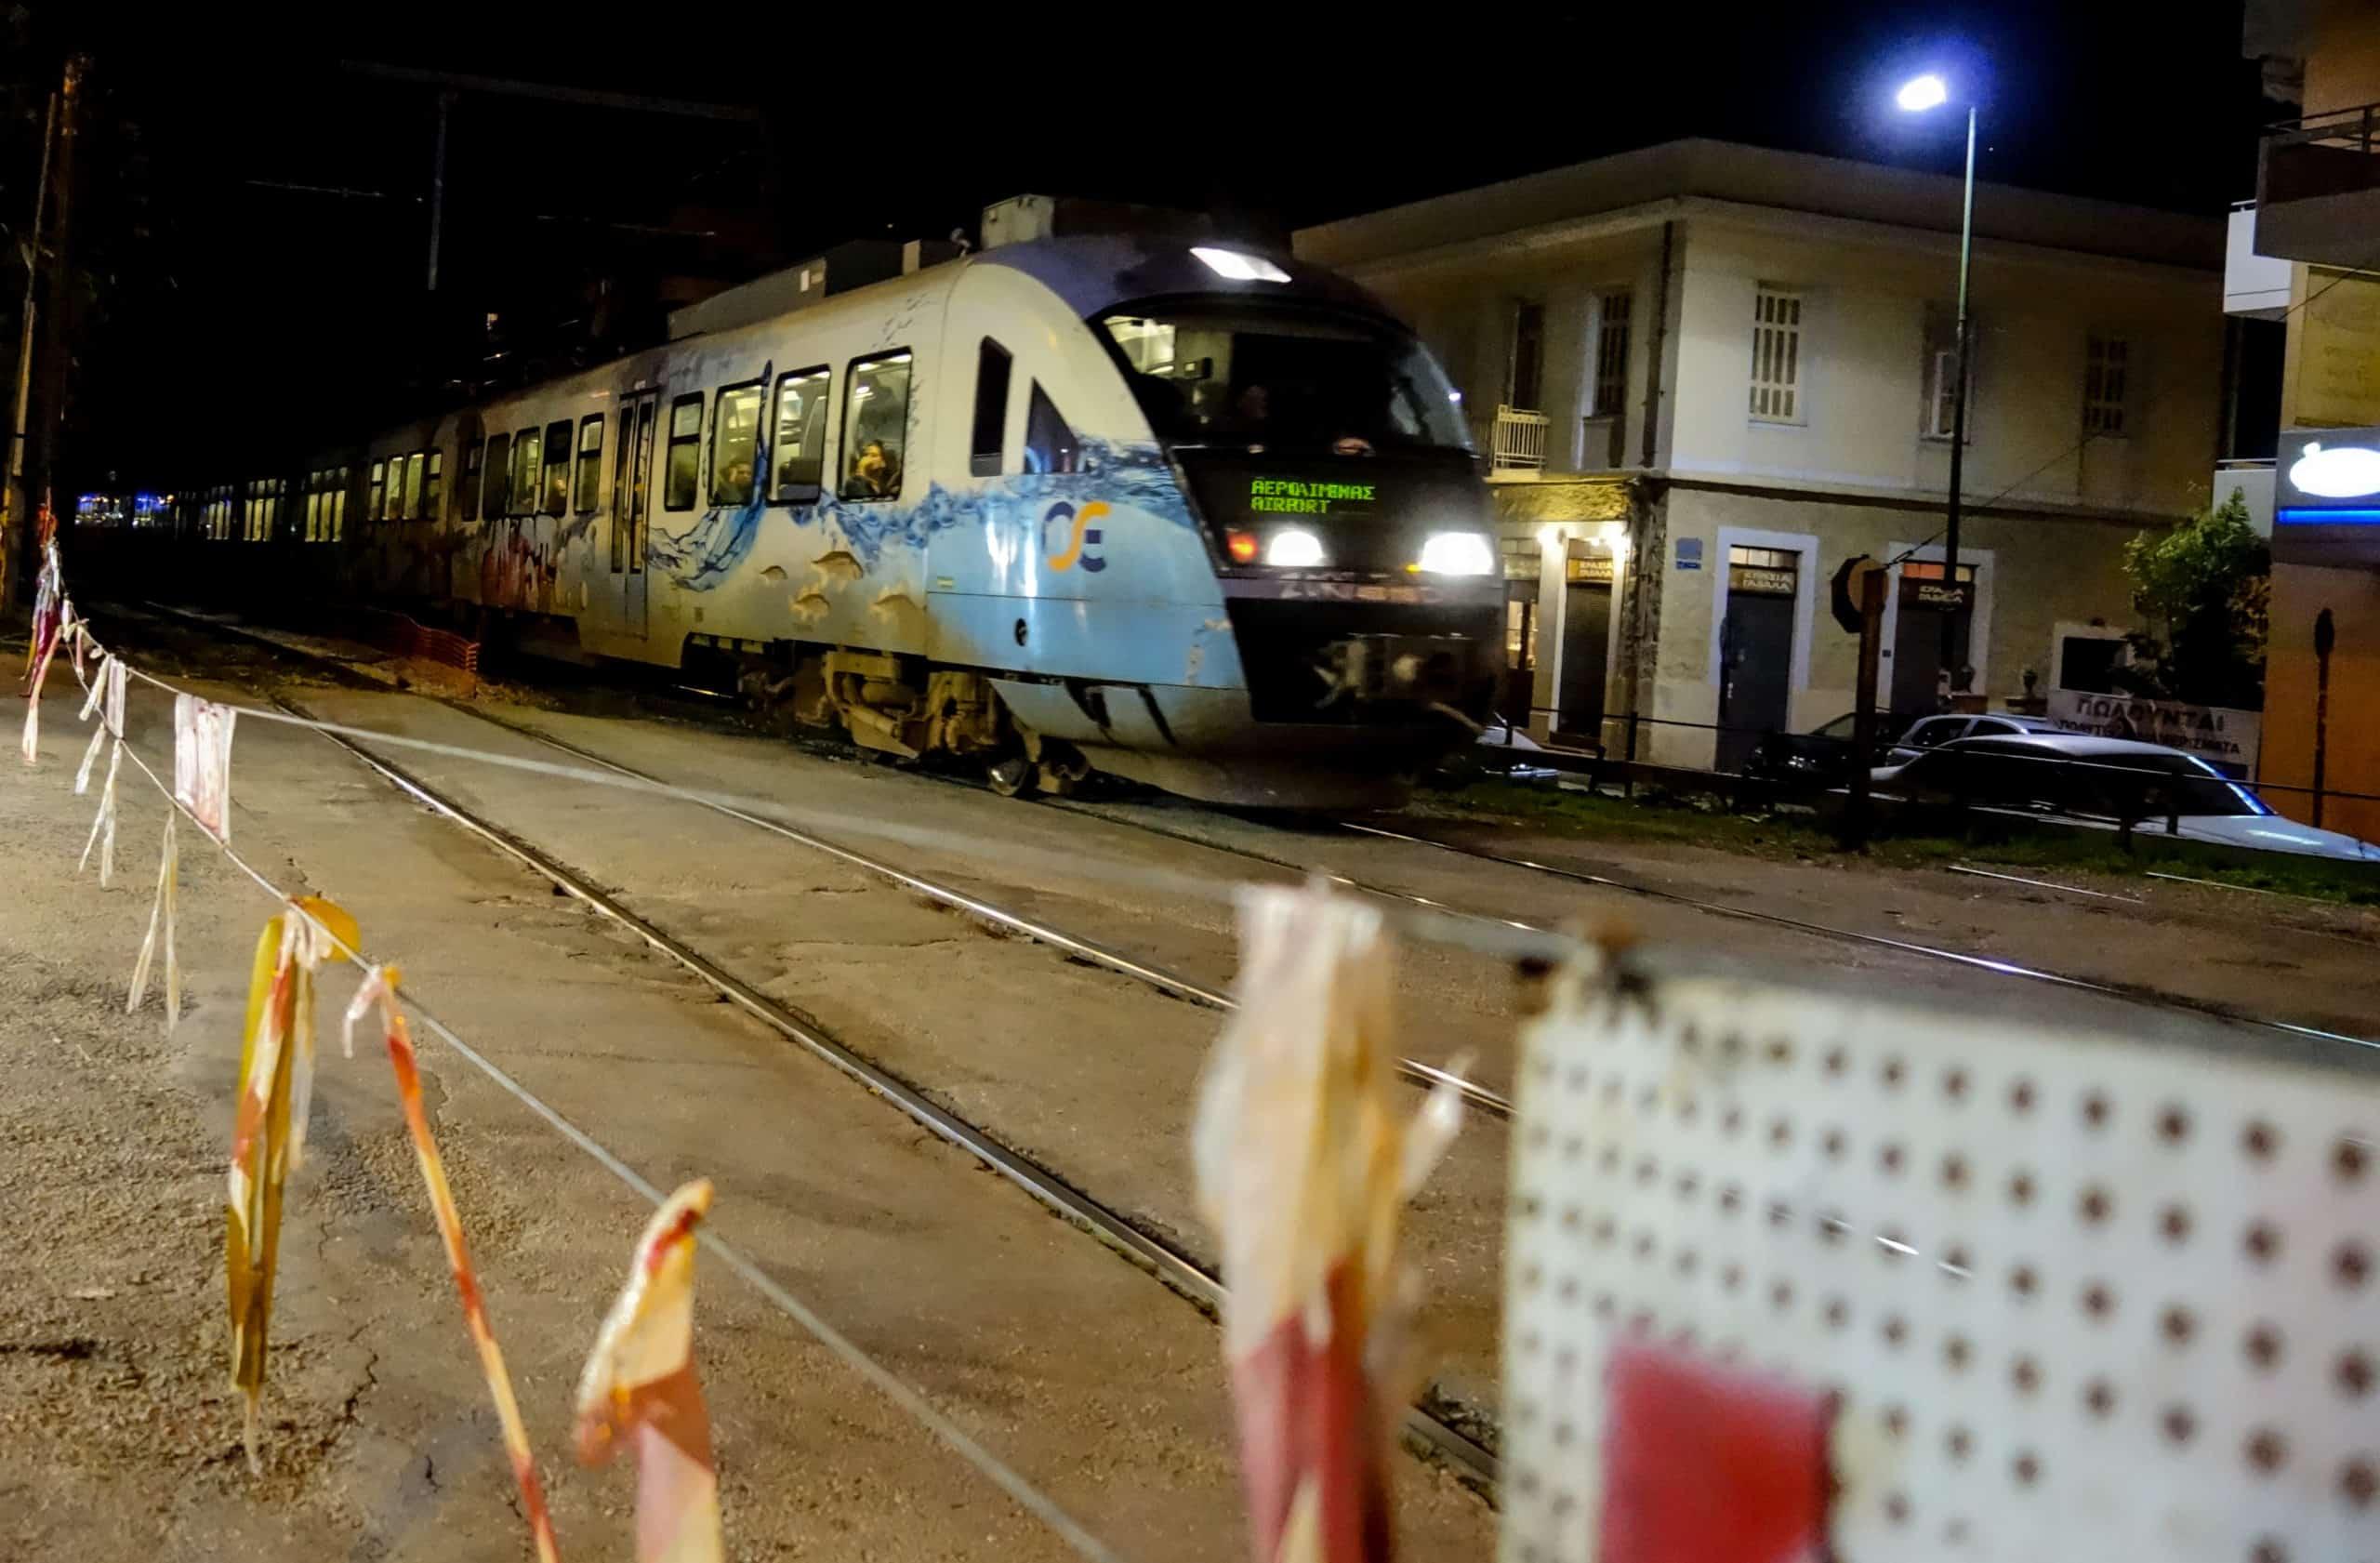 Προαστιακός δρομολόγια 24/3 Τρένα - Ποια λειτουργούν